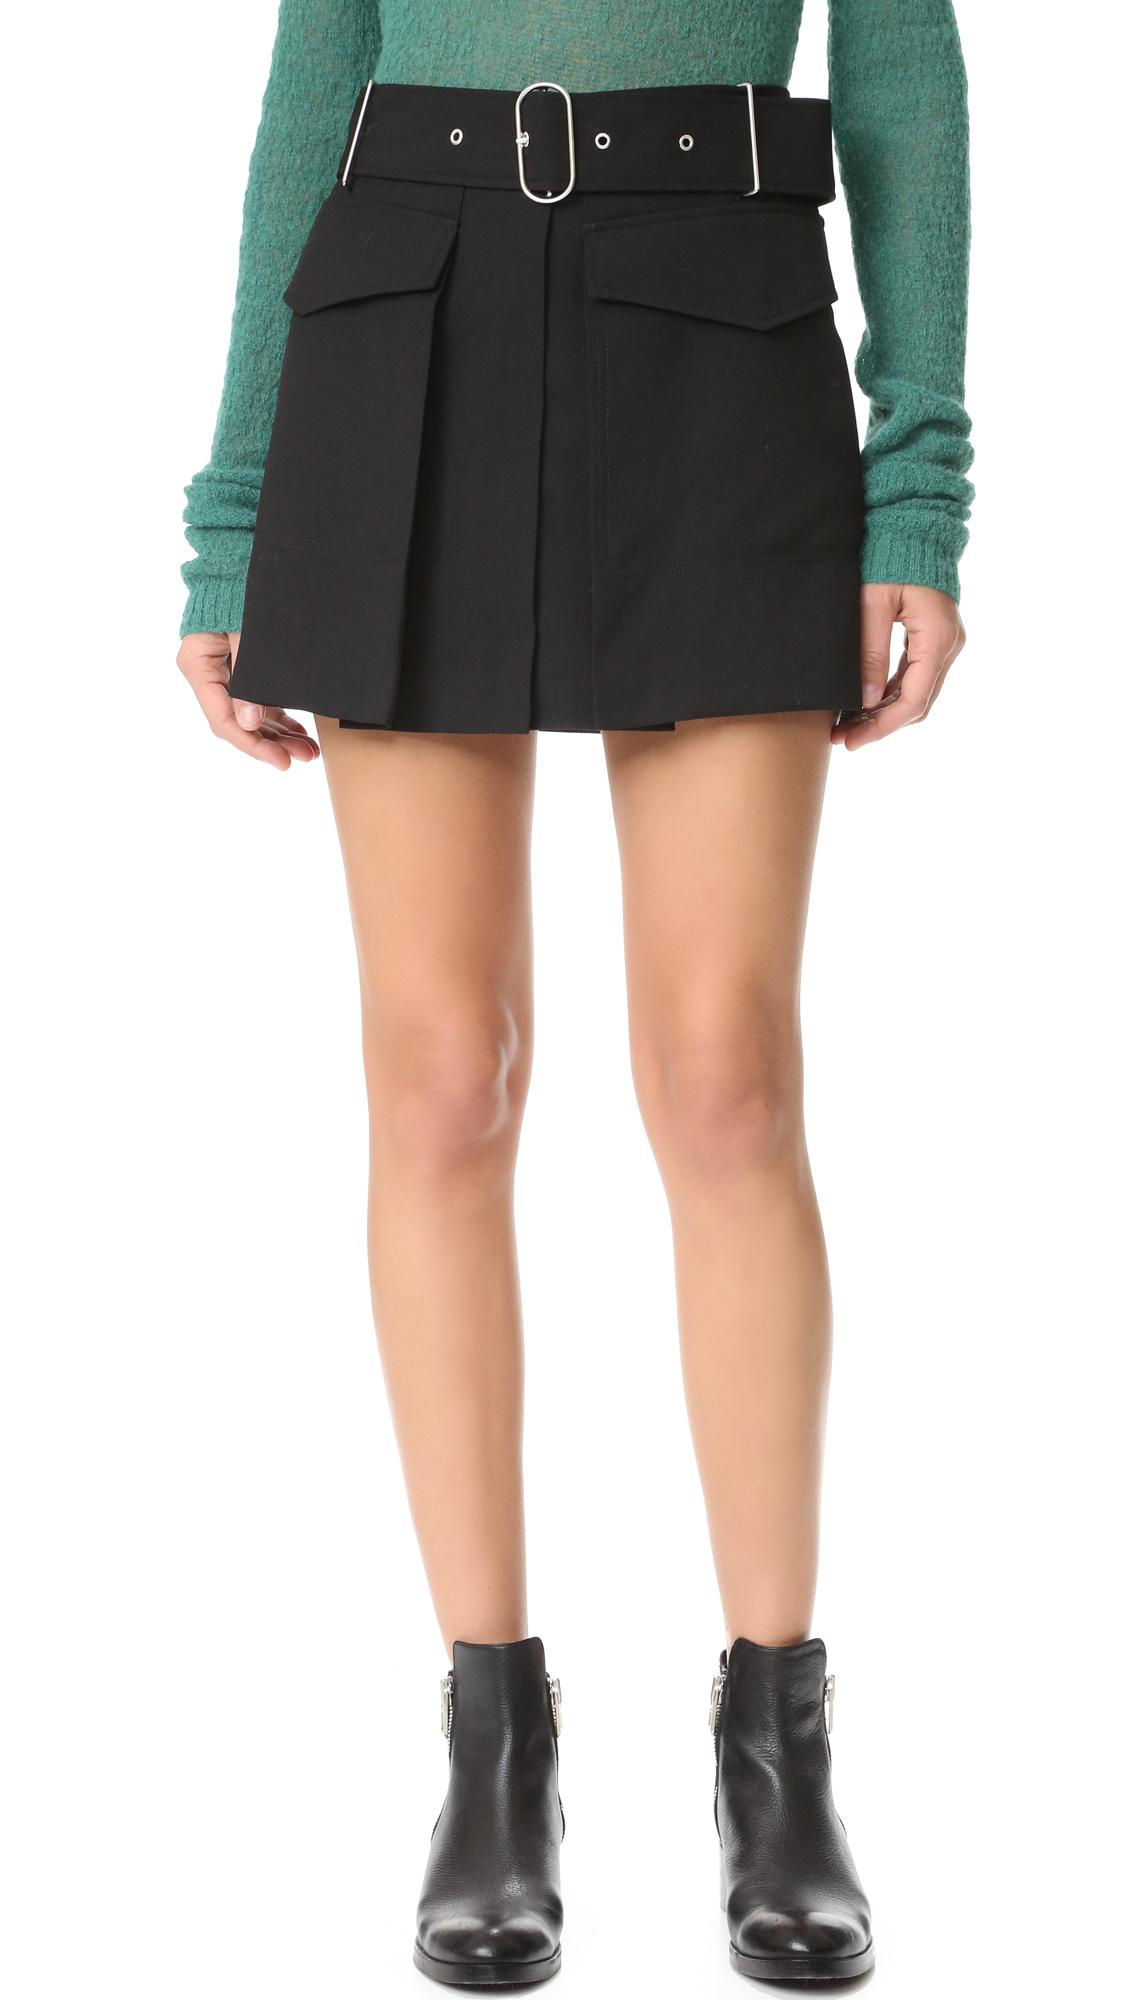 Acne Studios Peri Skirt - Black at Shopbop